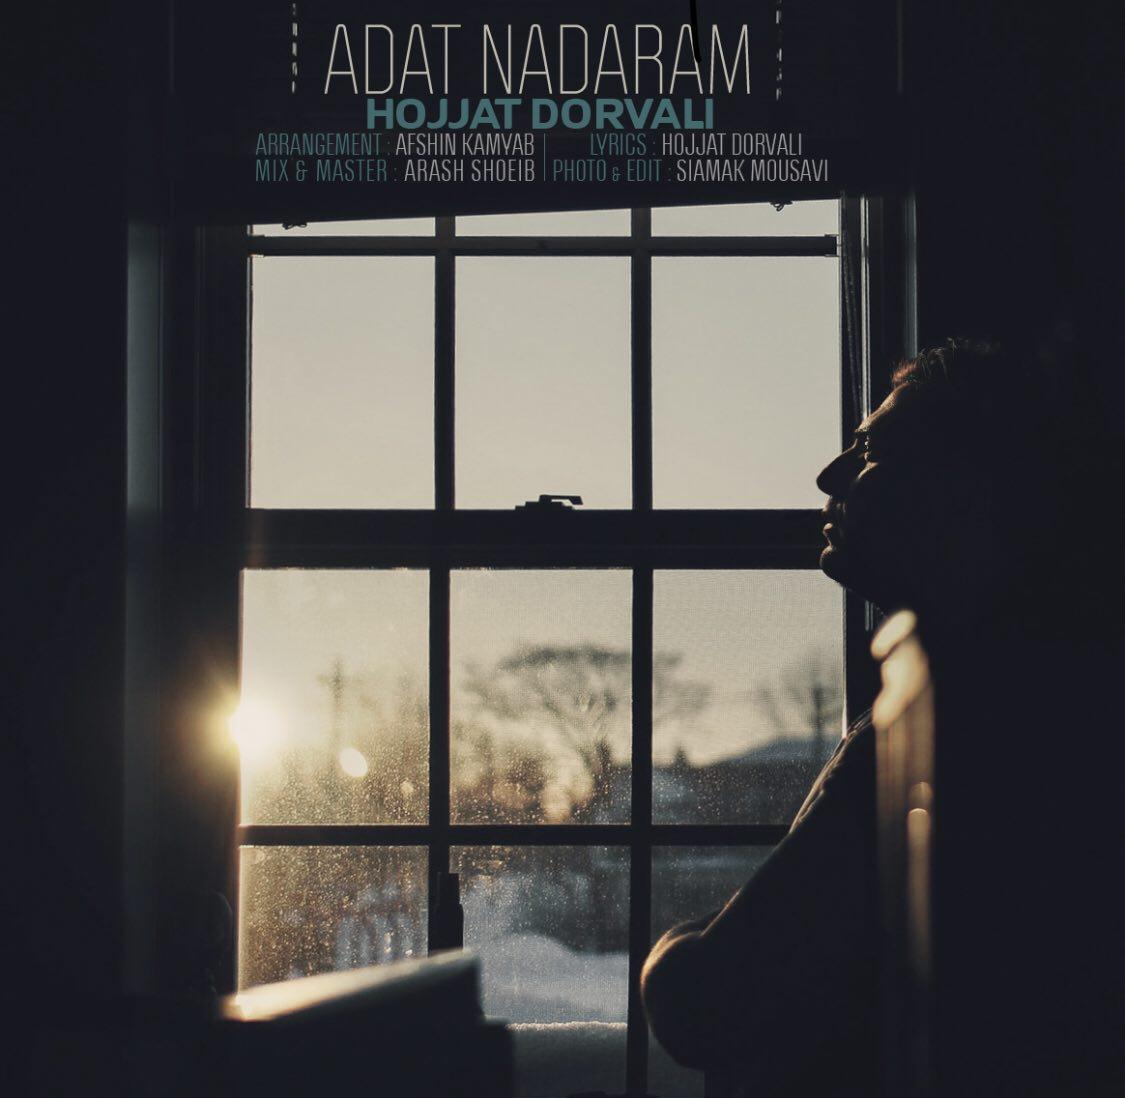 Hojjat Dorvali – Adat Nadaram